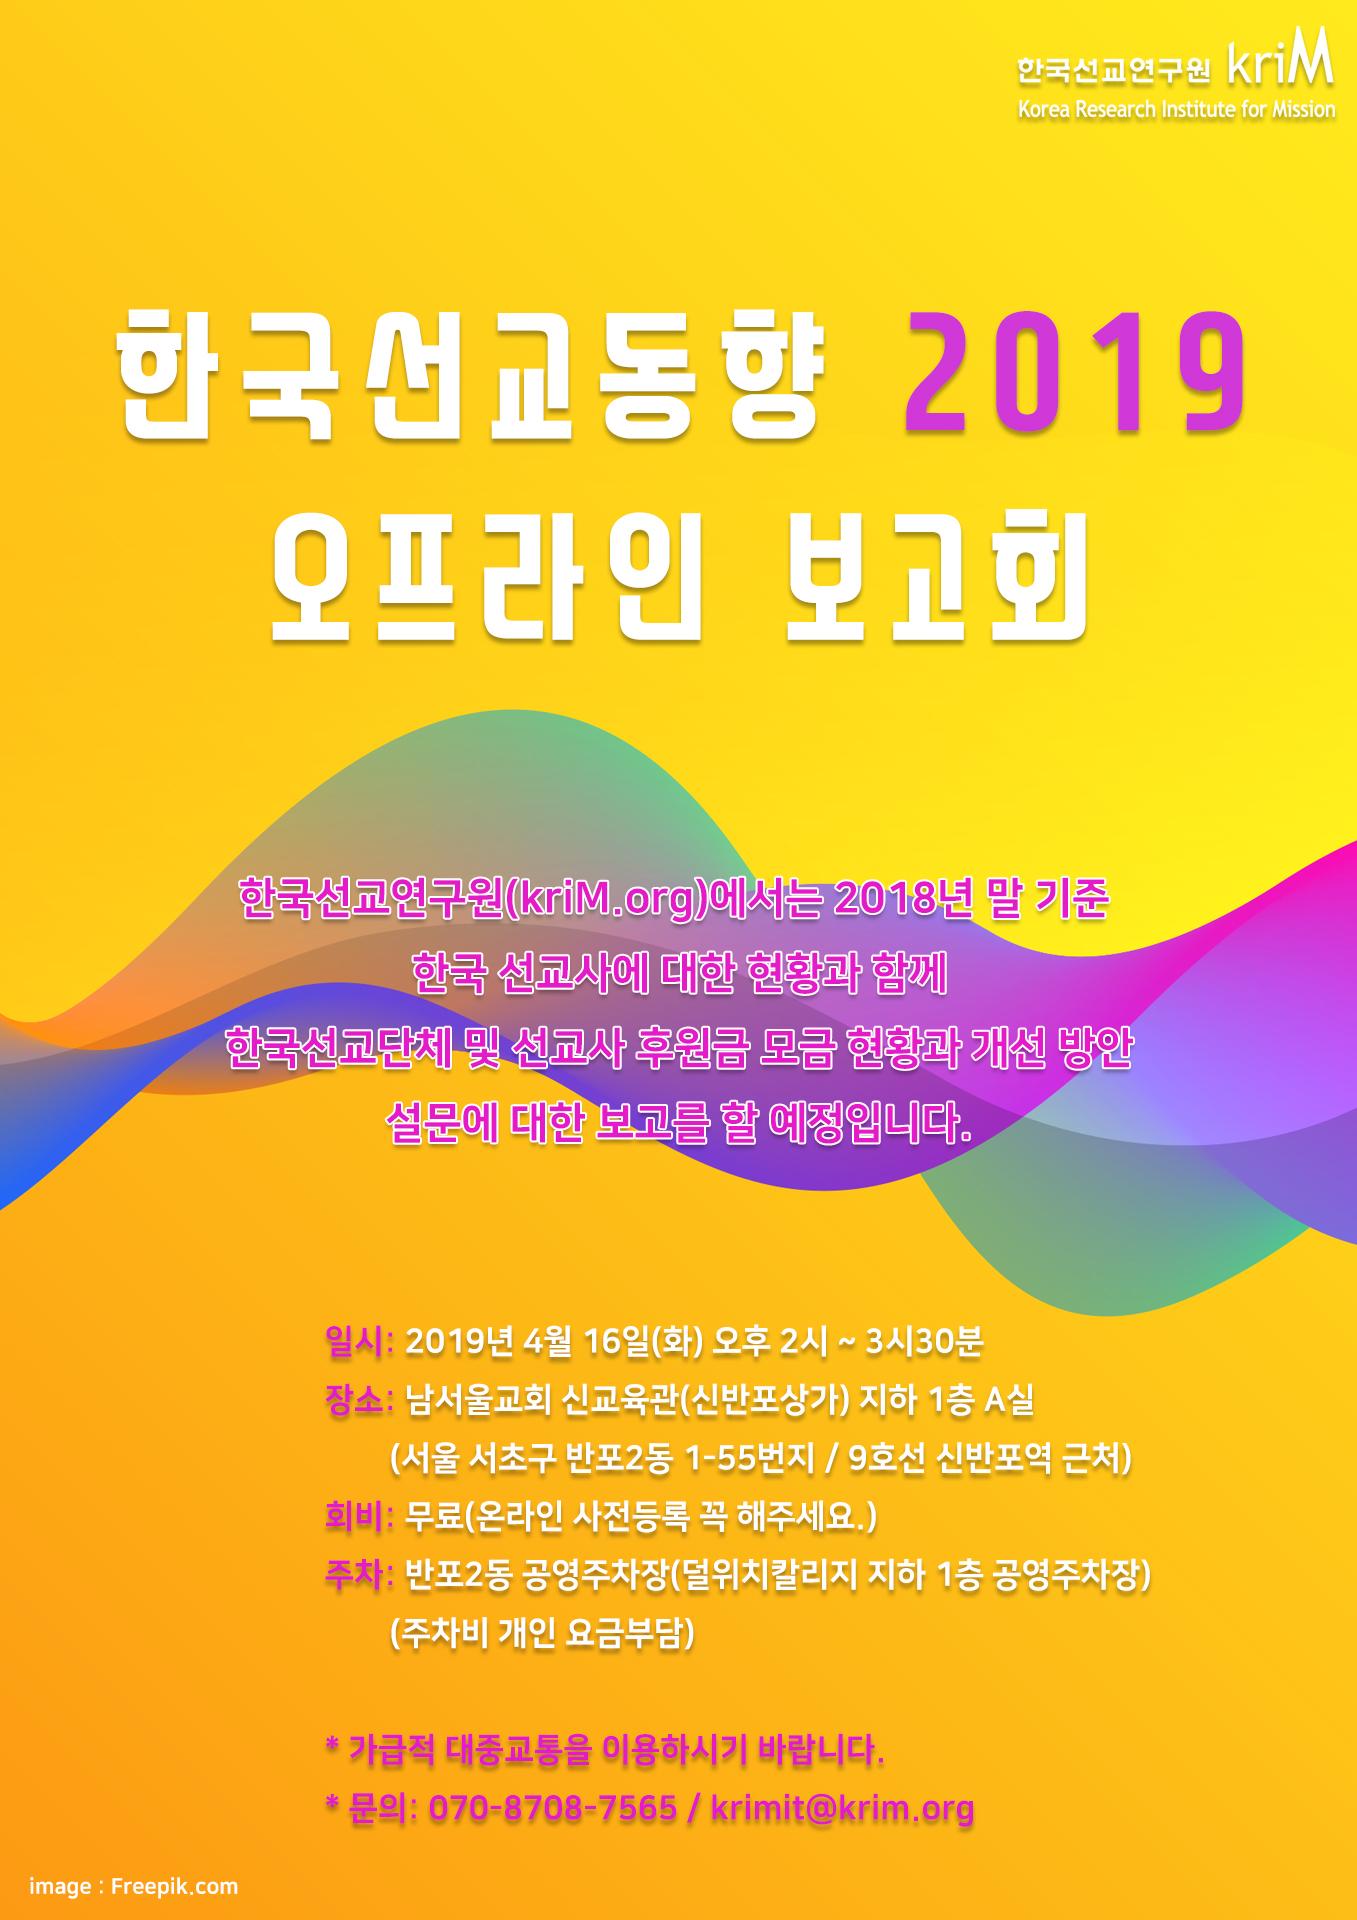 한국선교동향 2019 보고회 홍보 배너.jpg